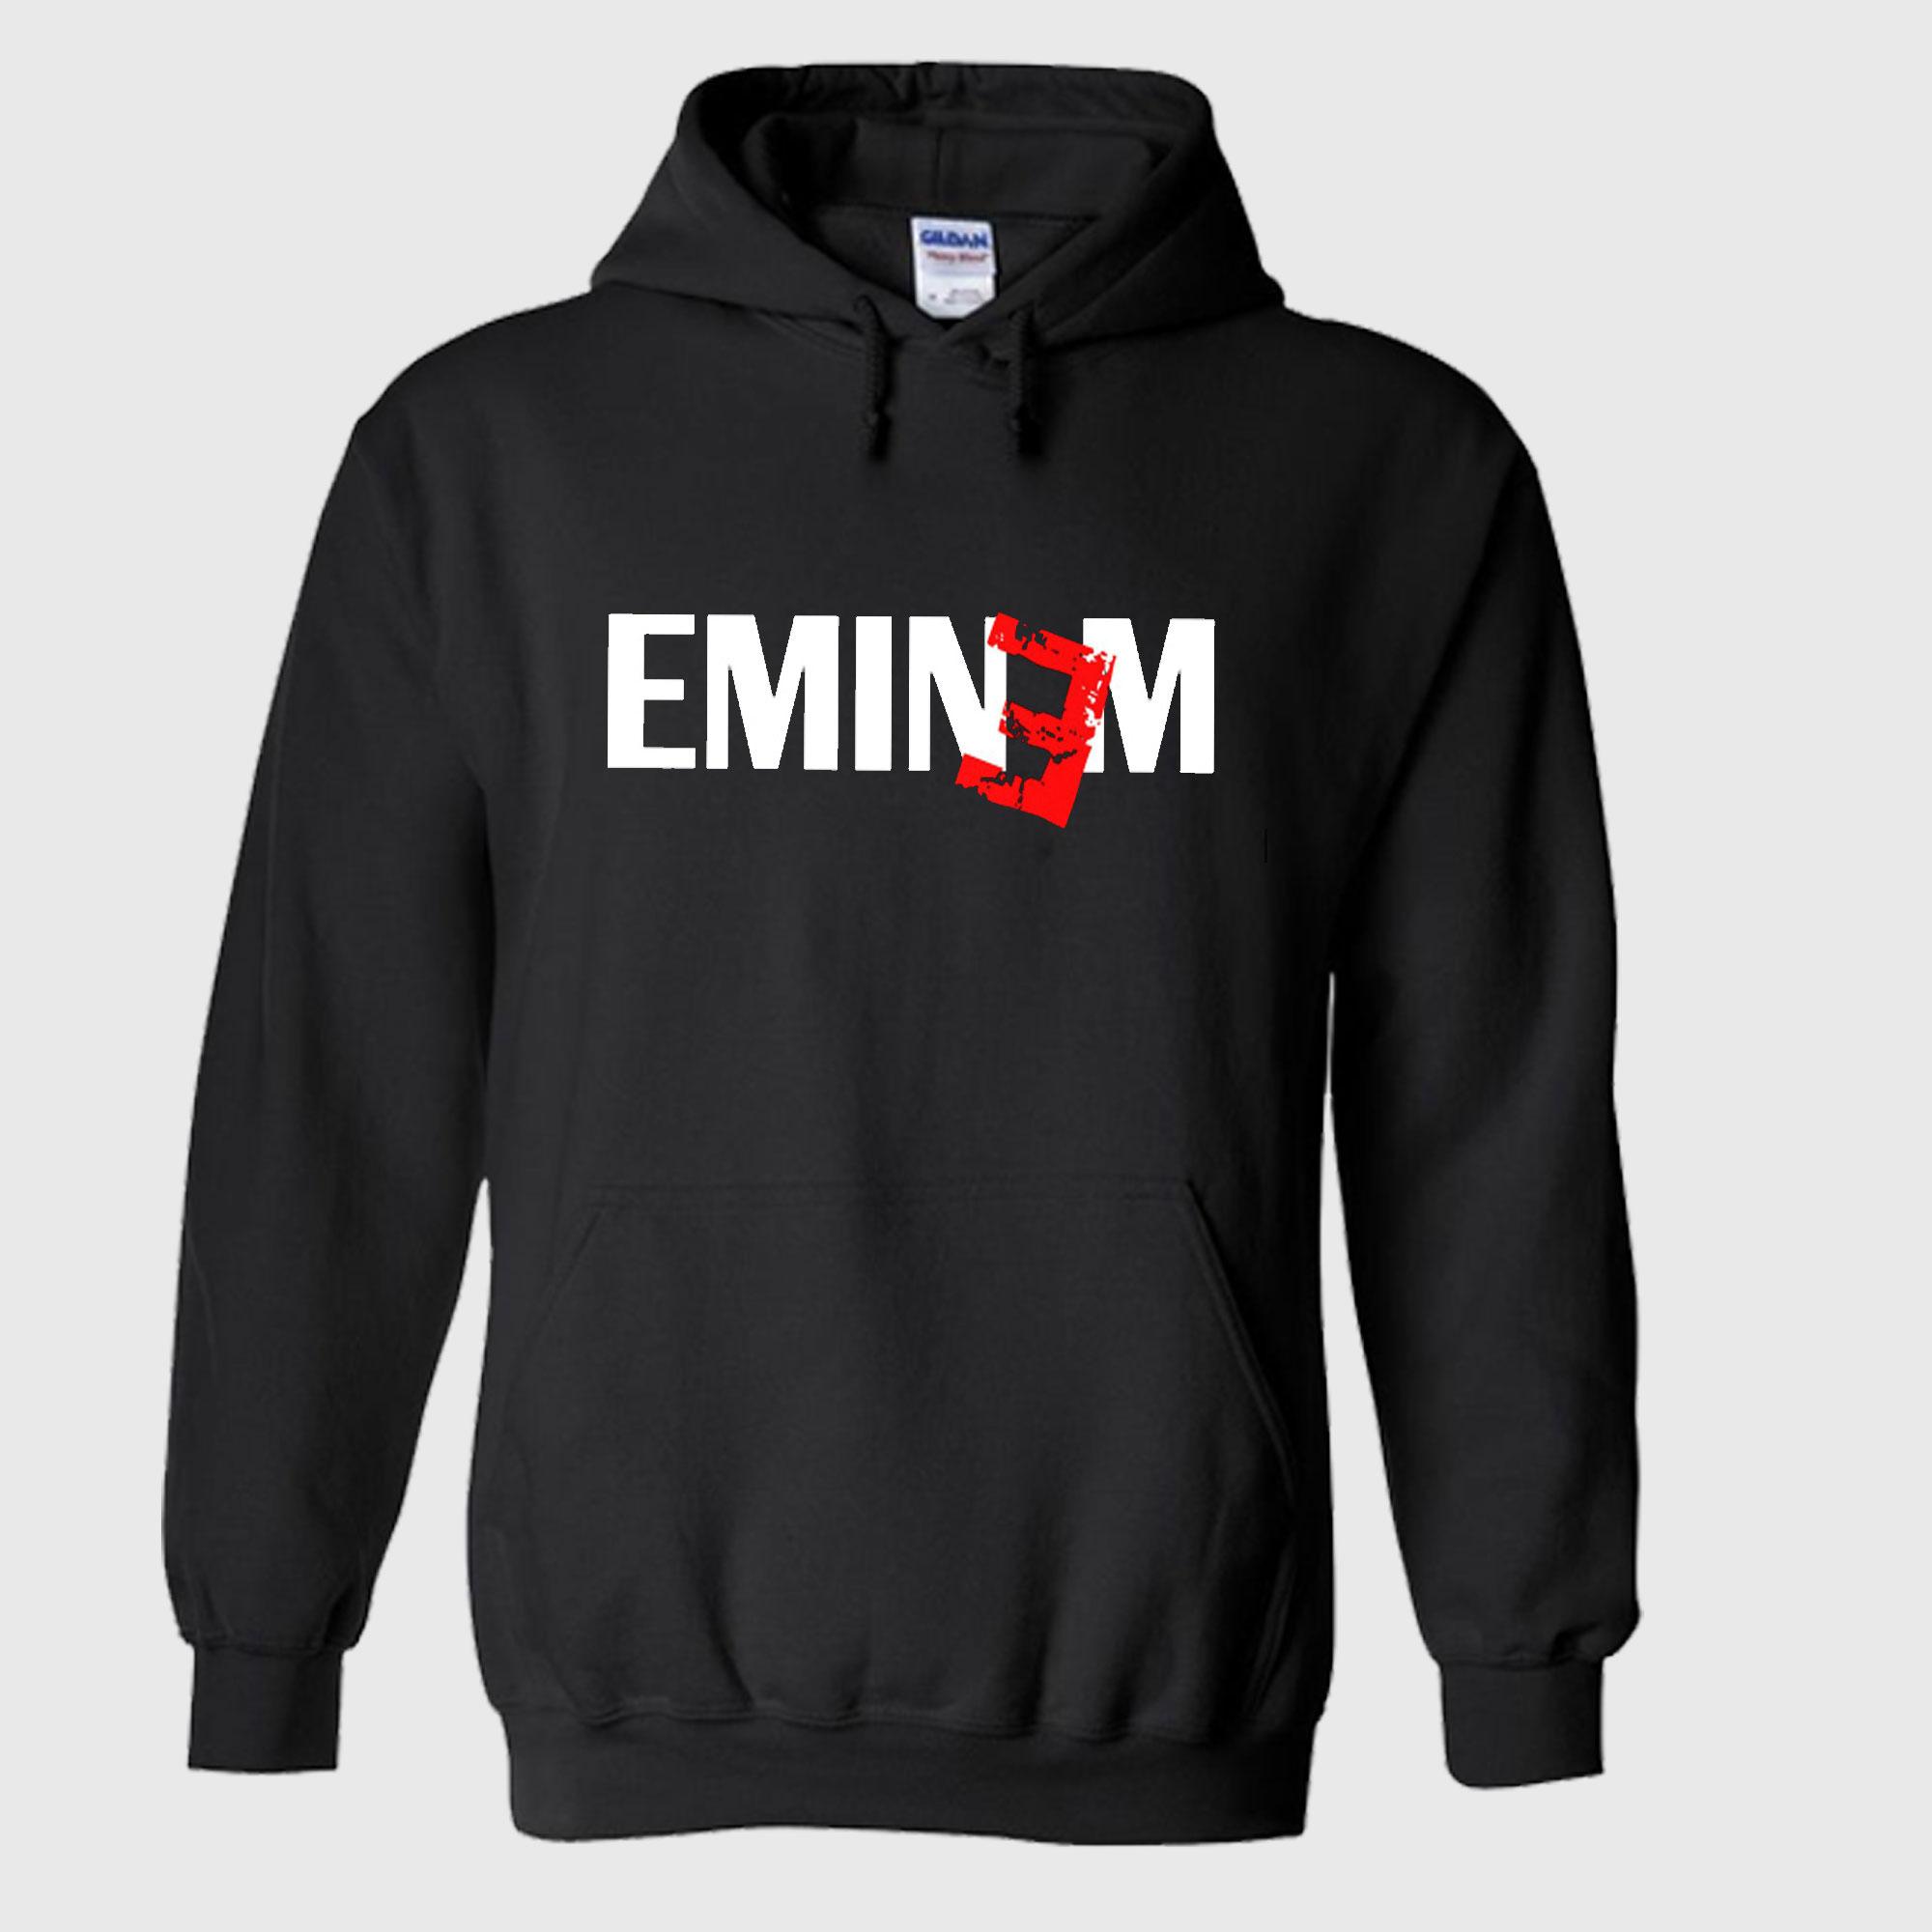 Eminem Black Hoodie